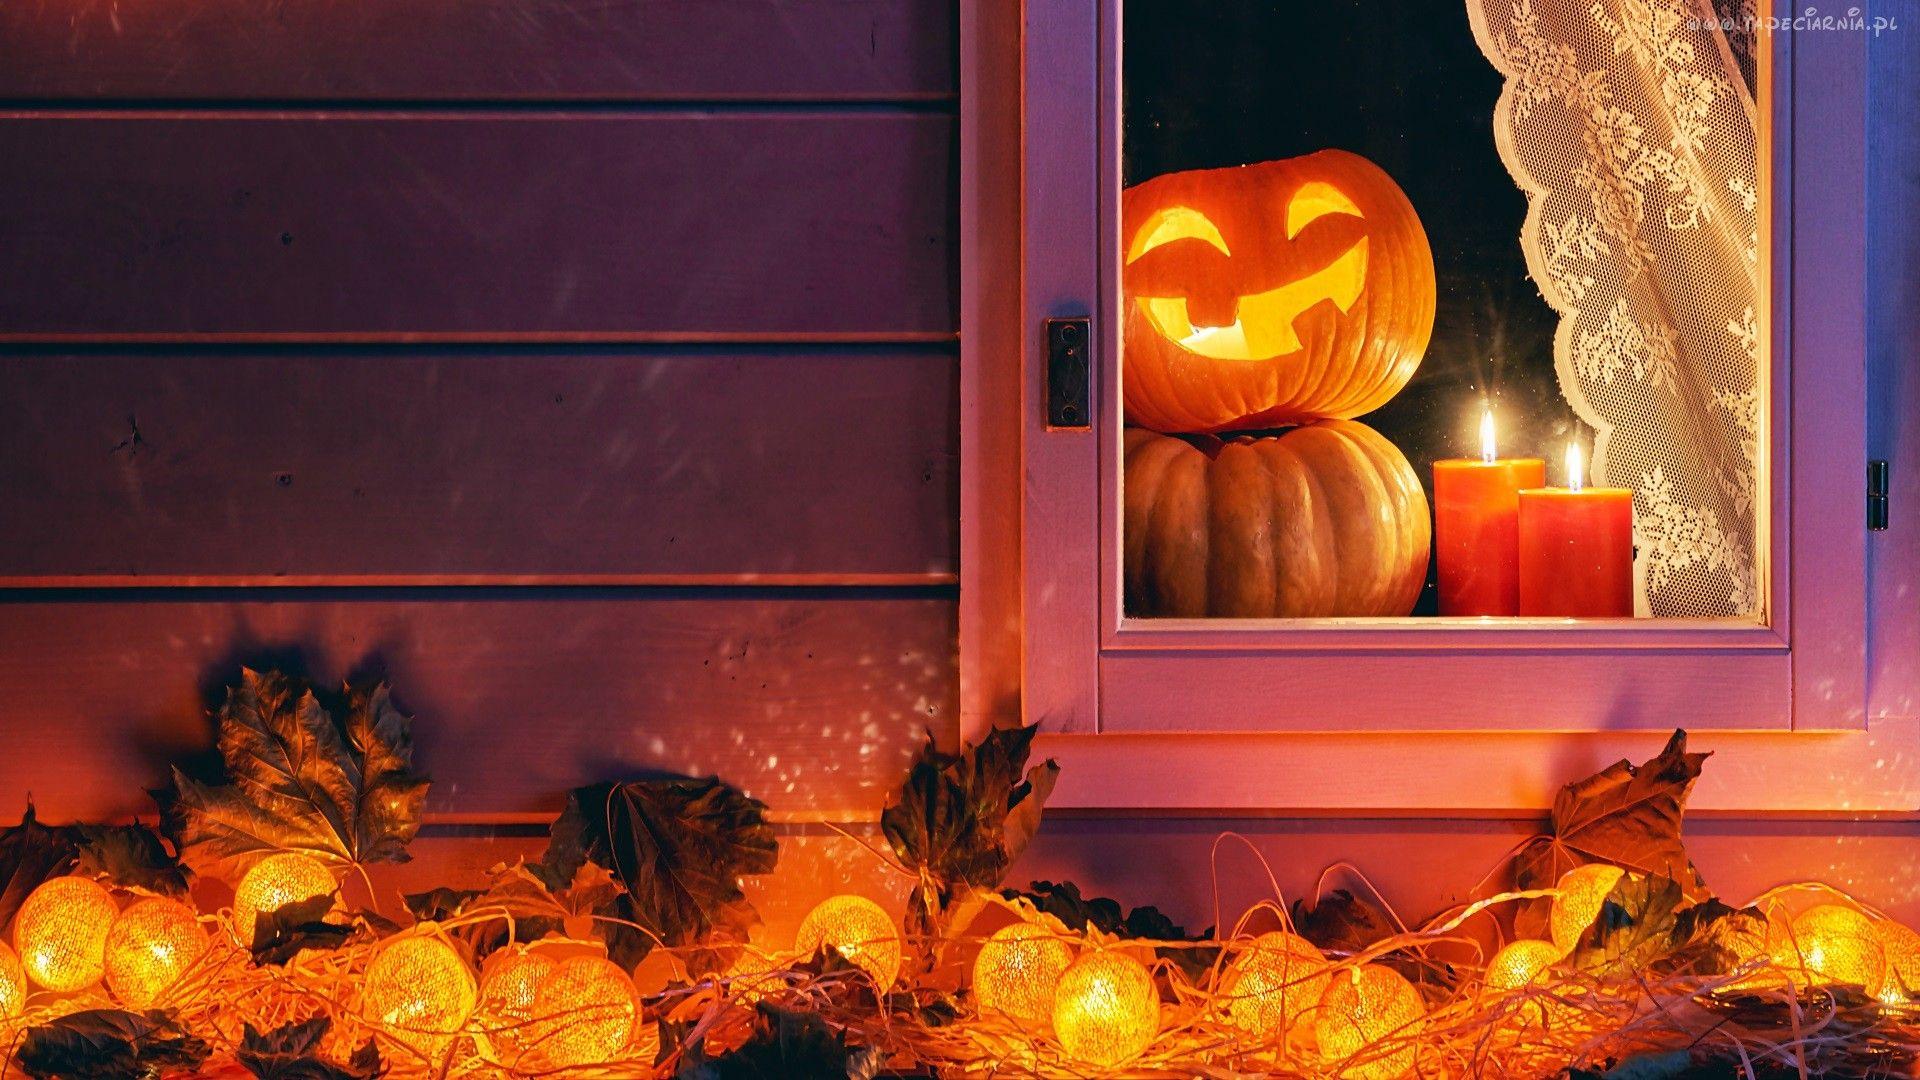 Halloween, Dynie, Okno, Świece, Lampki, Dekoracja